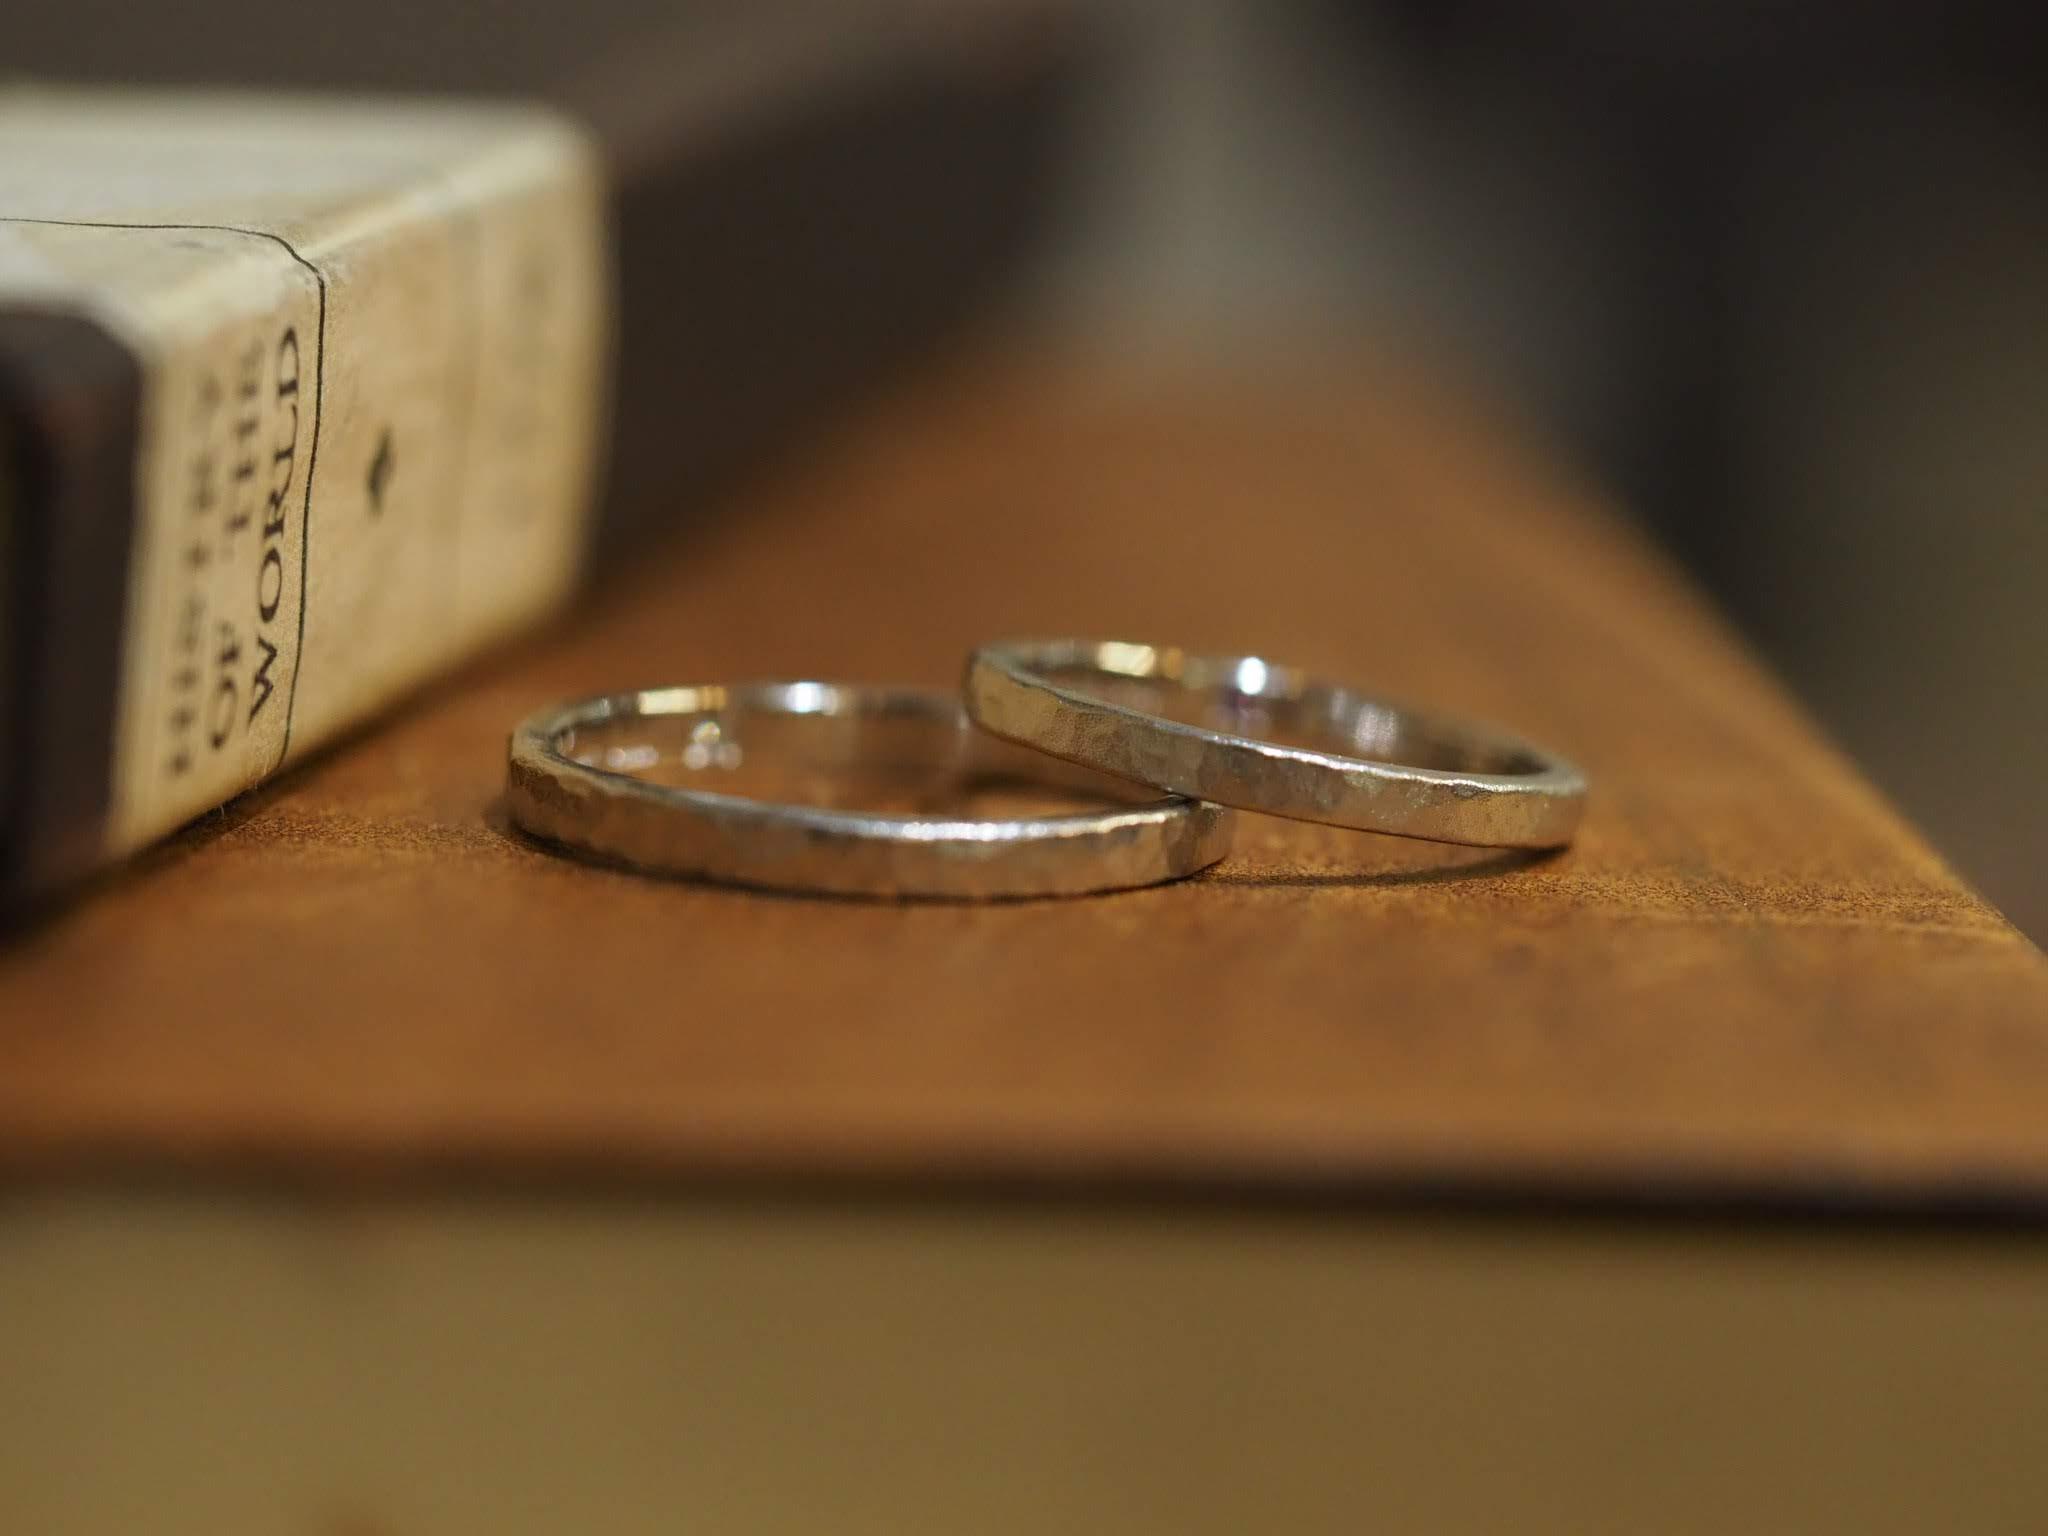 結婚指輪手作り作品 「プラチナ鎚目の結婚指輪」